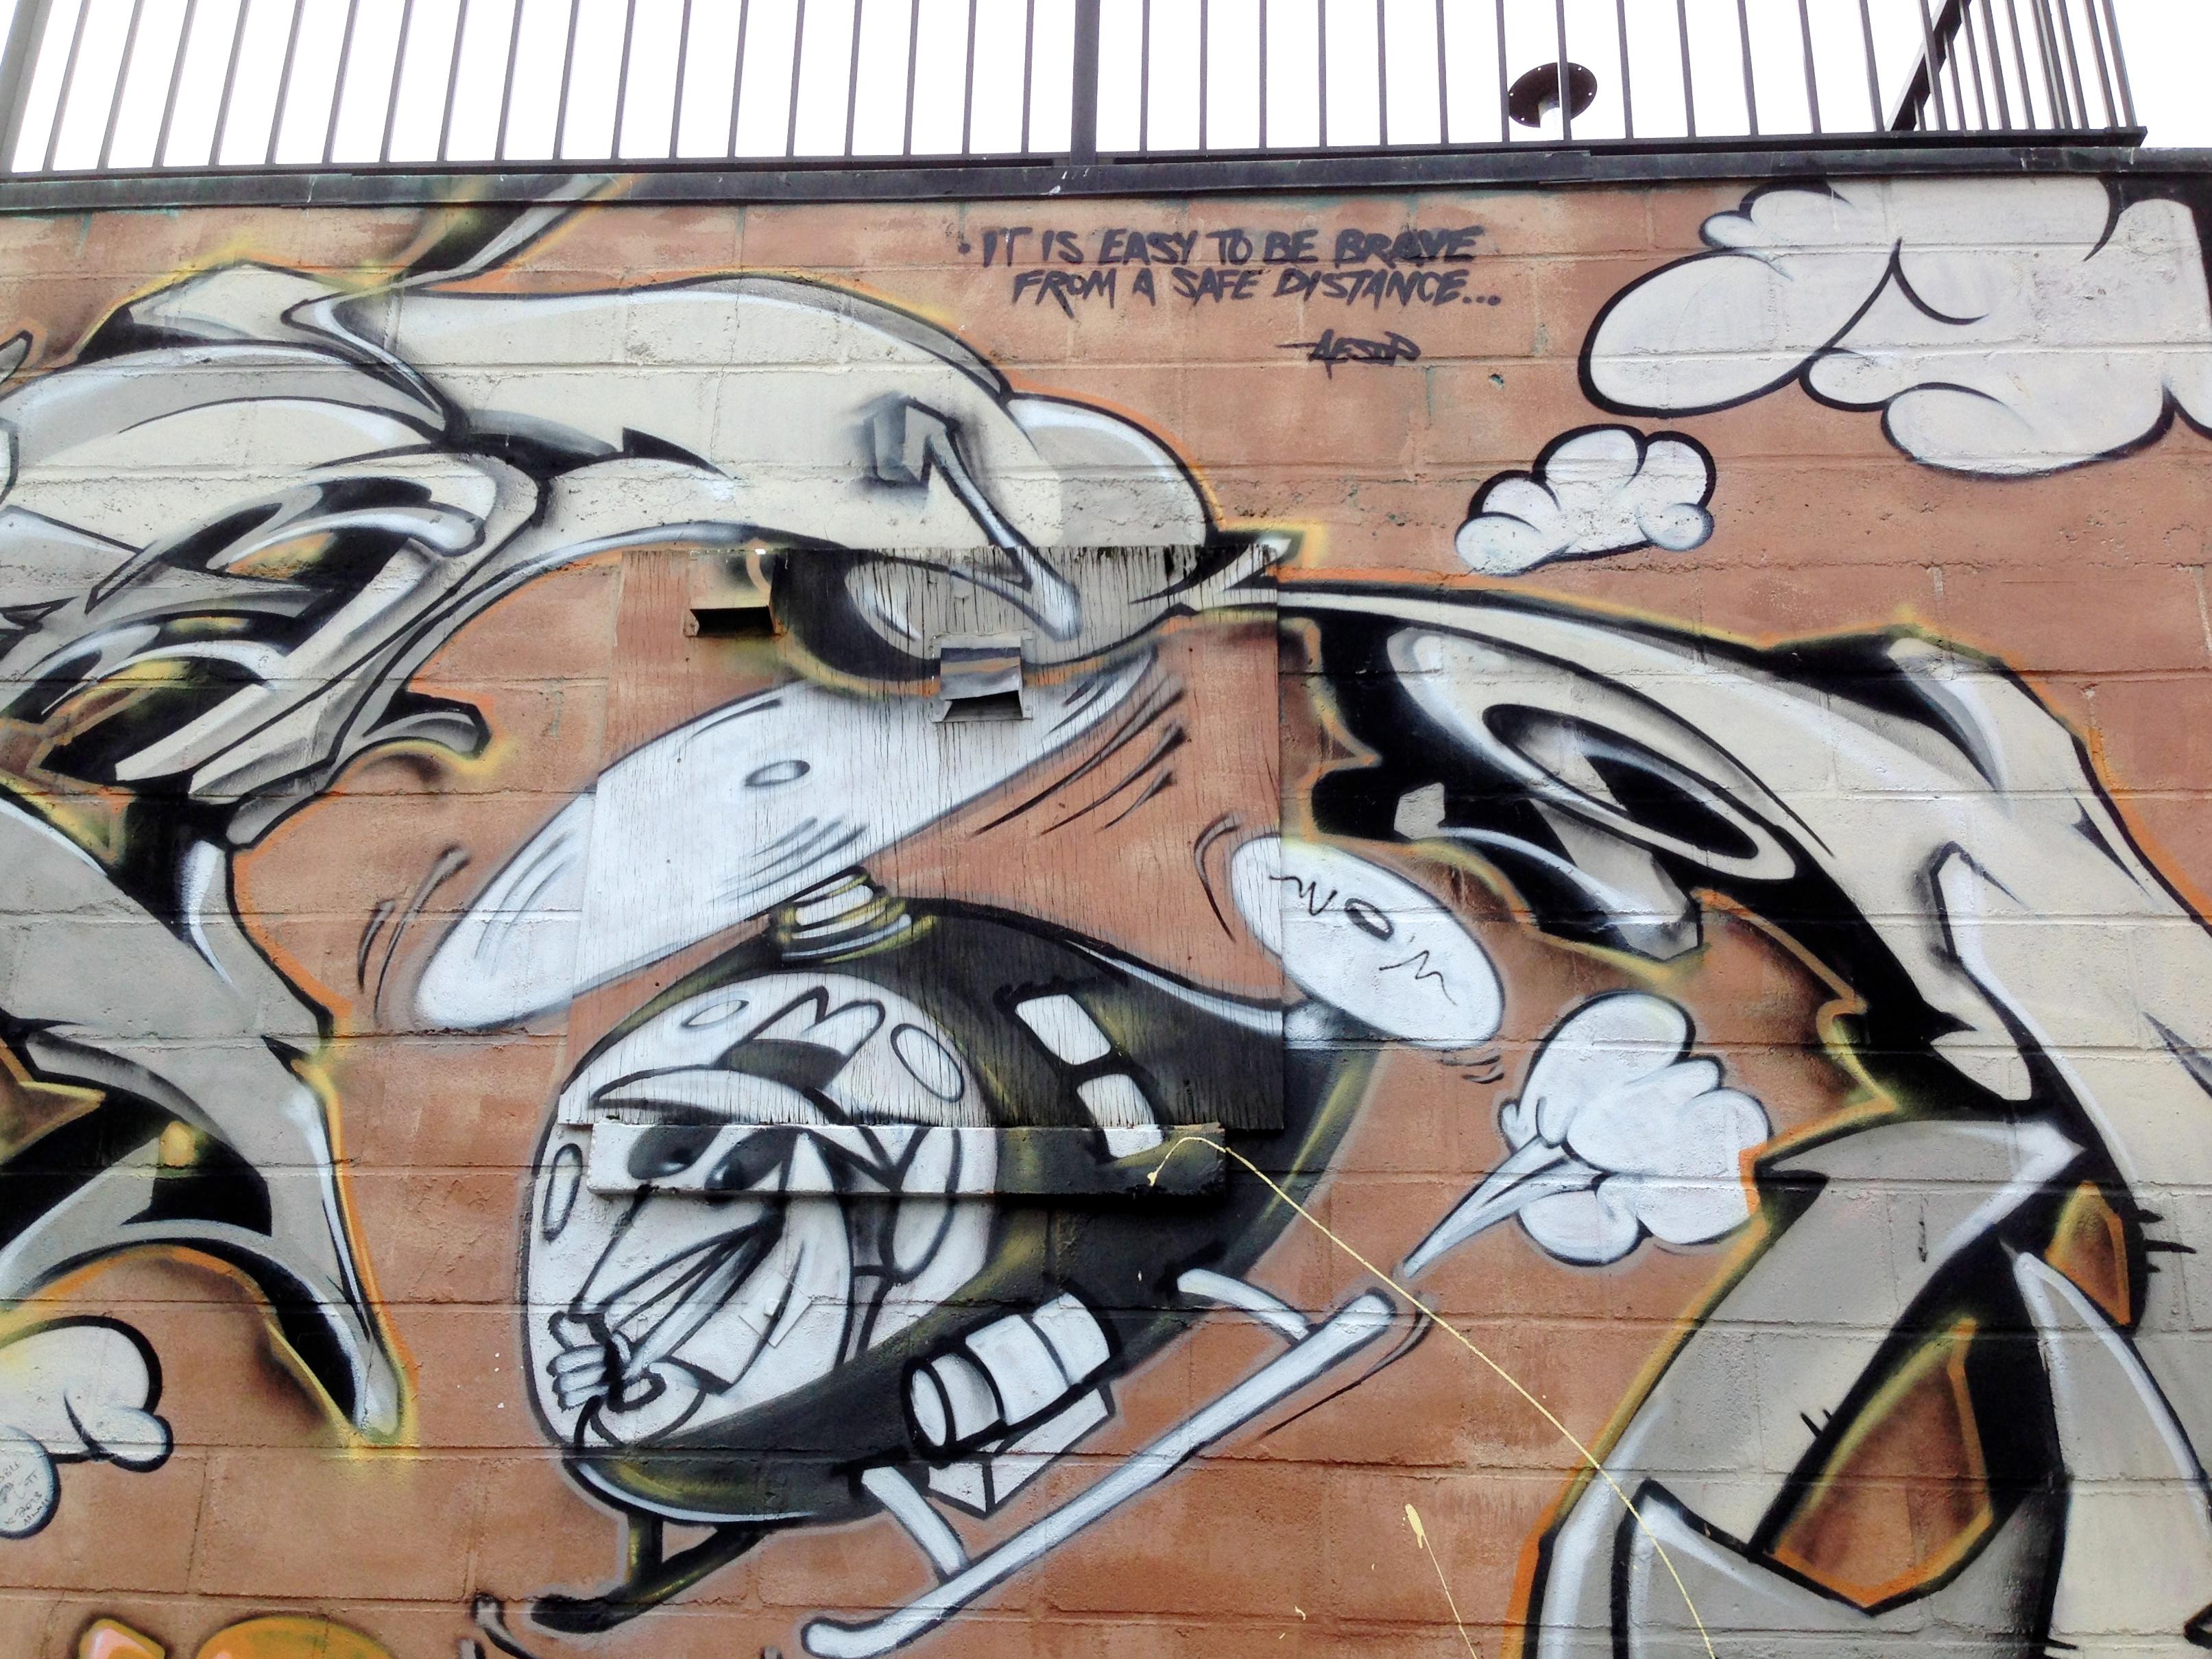 Banco De Imagens Grafite Arte De Rua Esboço Desenhando